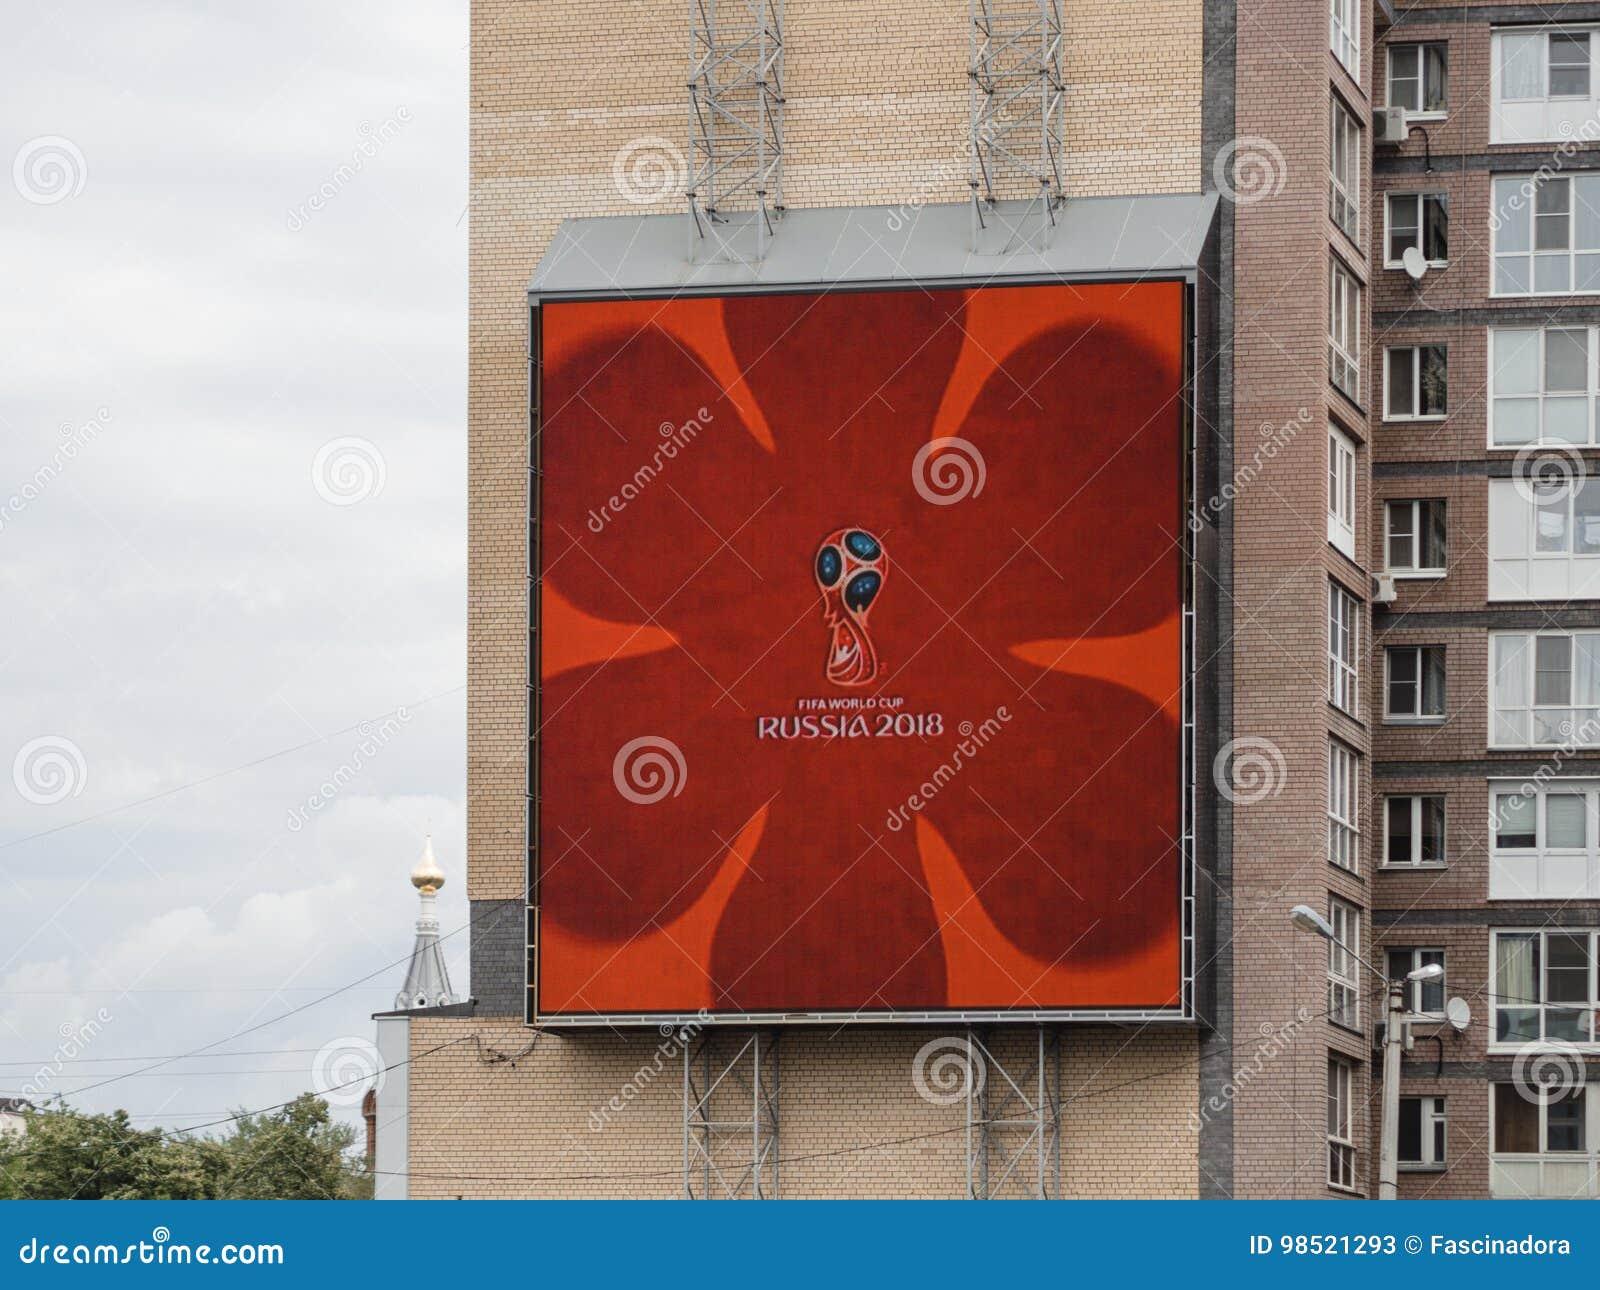 Logotipo do campeonato do mundo 2018 na tela da propaganda exterior em Nizhny Novgorod